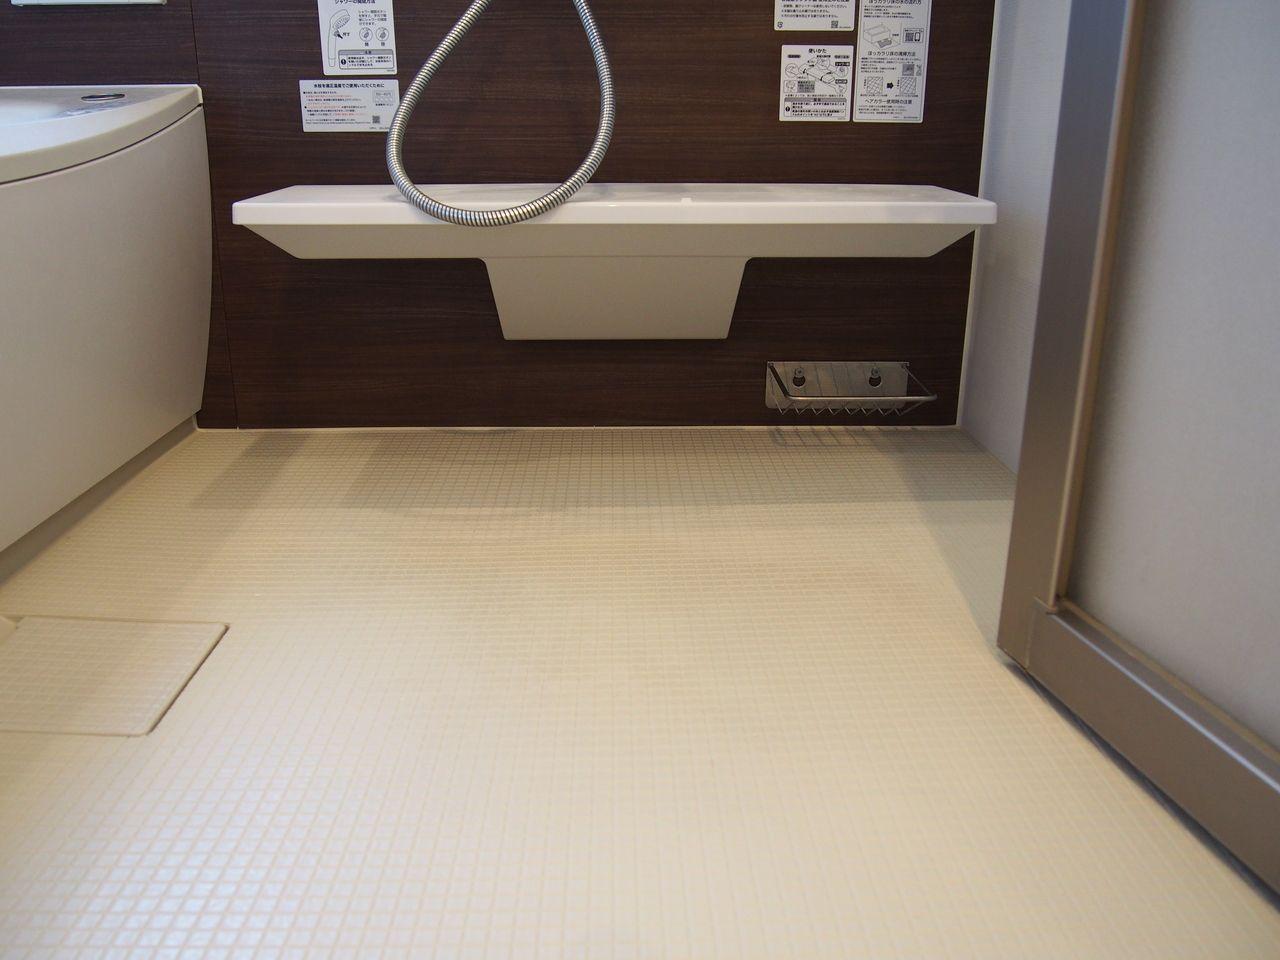 お掃除ラクラクほっカラリ床は床の内側に2つの層で冷気をシャットアウトする、W断熱構造クッション層を持っています。そのクッション層が畳のようなやわらかさを実現。同時に断熱材の役割も果たすので冬場の一歩目もヒヤっとしません。滑りにくく、乾きやすいのでお掃除も楽々!